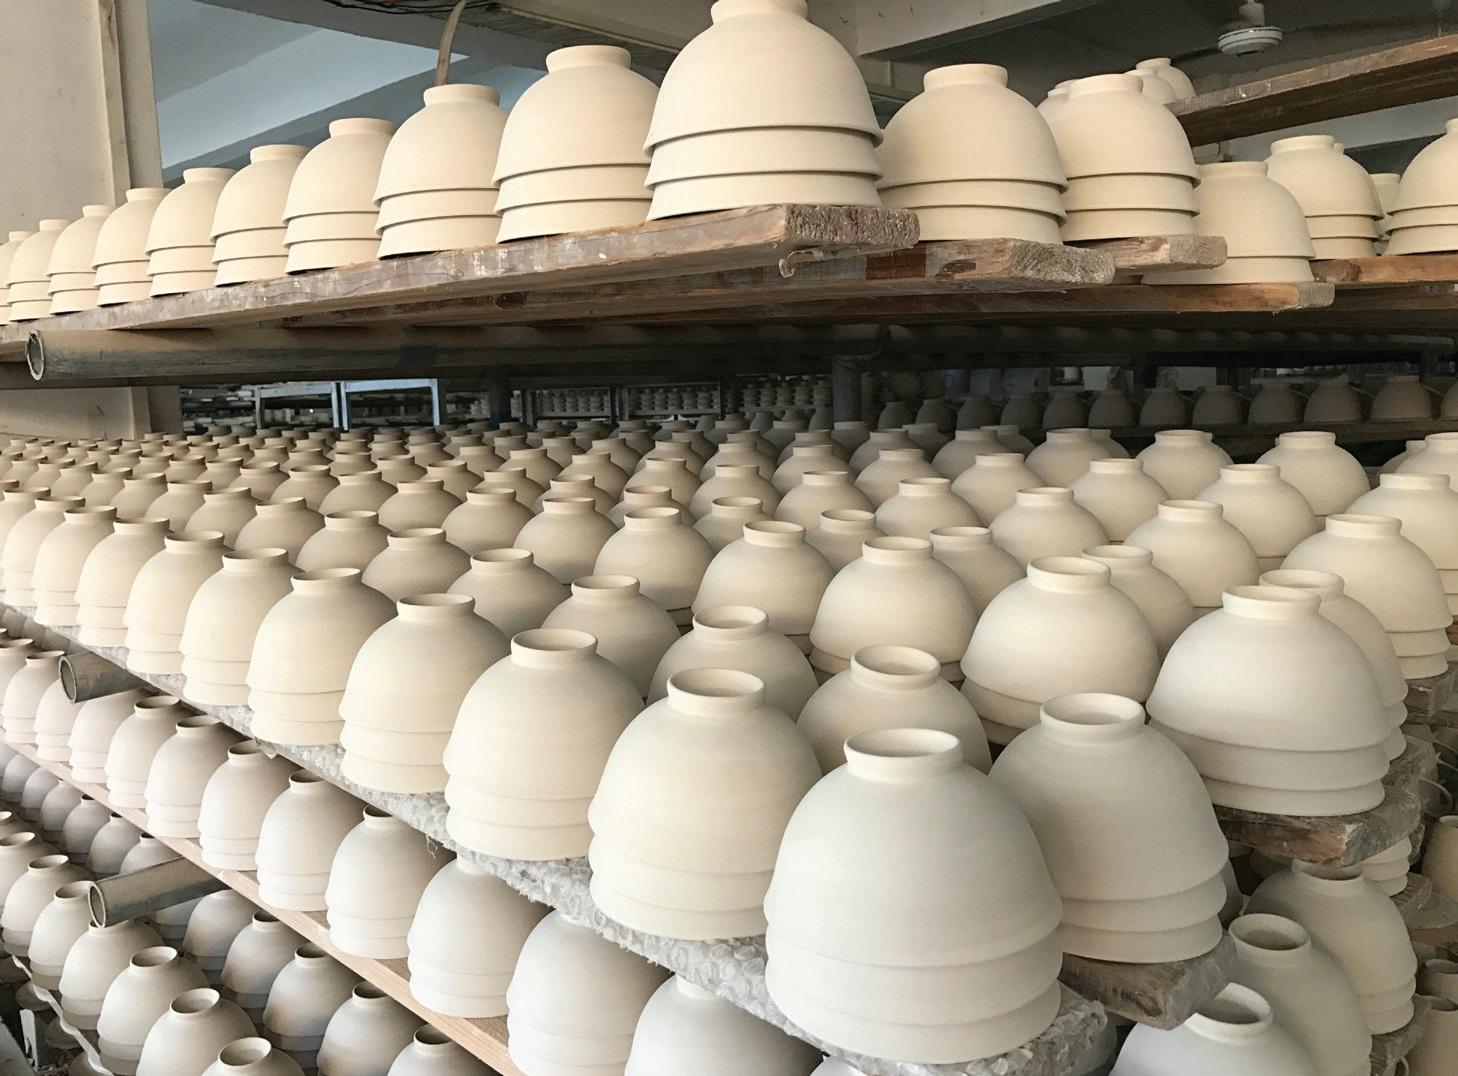 """Šiandien """"Easy Life"""" siūlo vartotojams platų spektrą dekoruotų dirbinių iš porceliano, melamino, stiklo ir daugybės kitų žaliavų"""